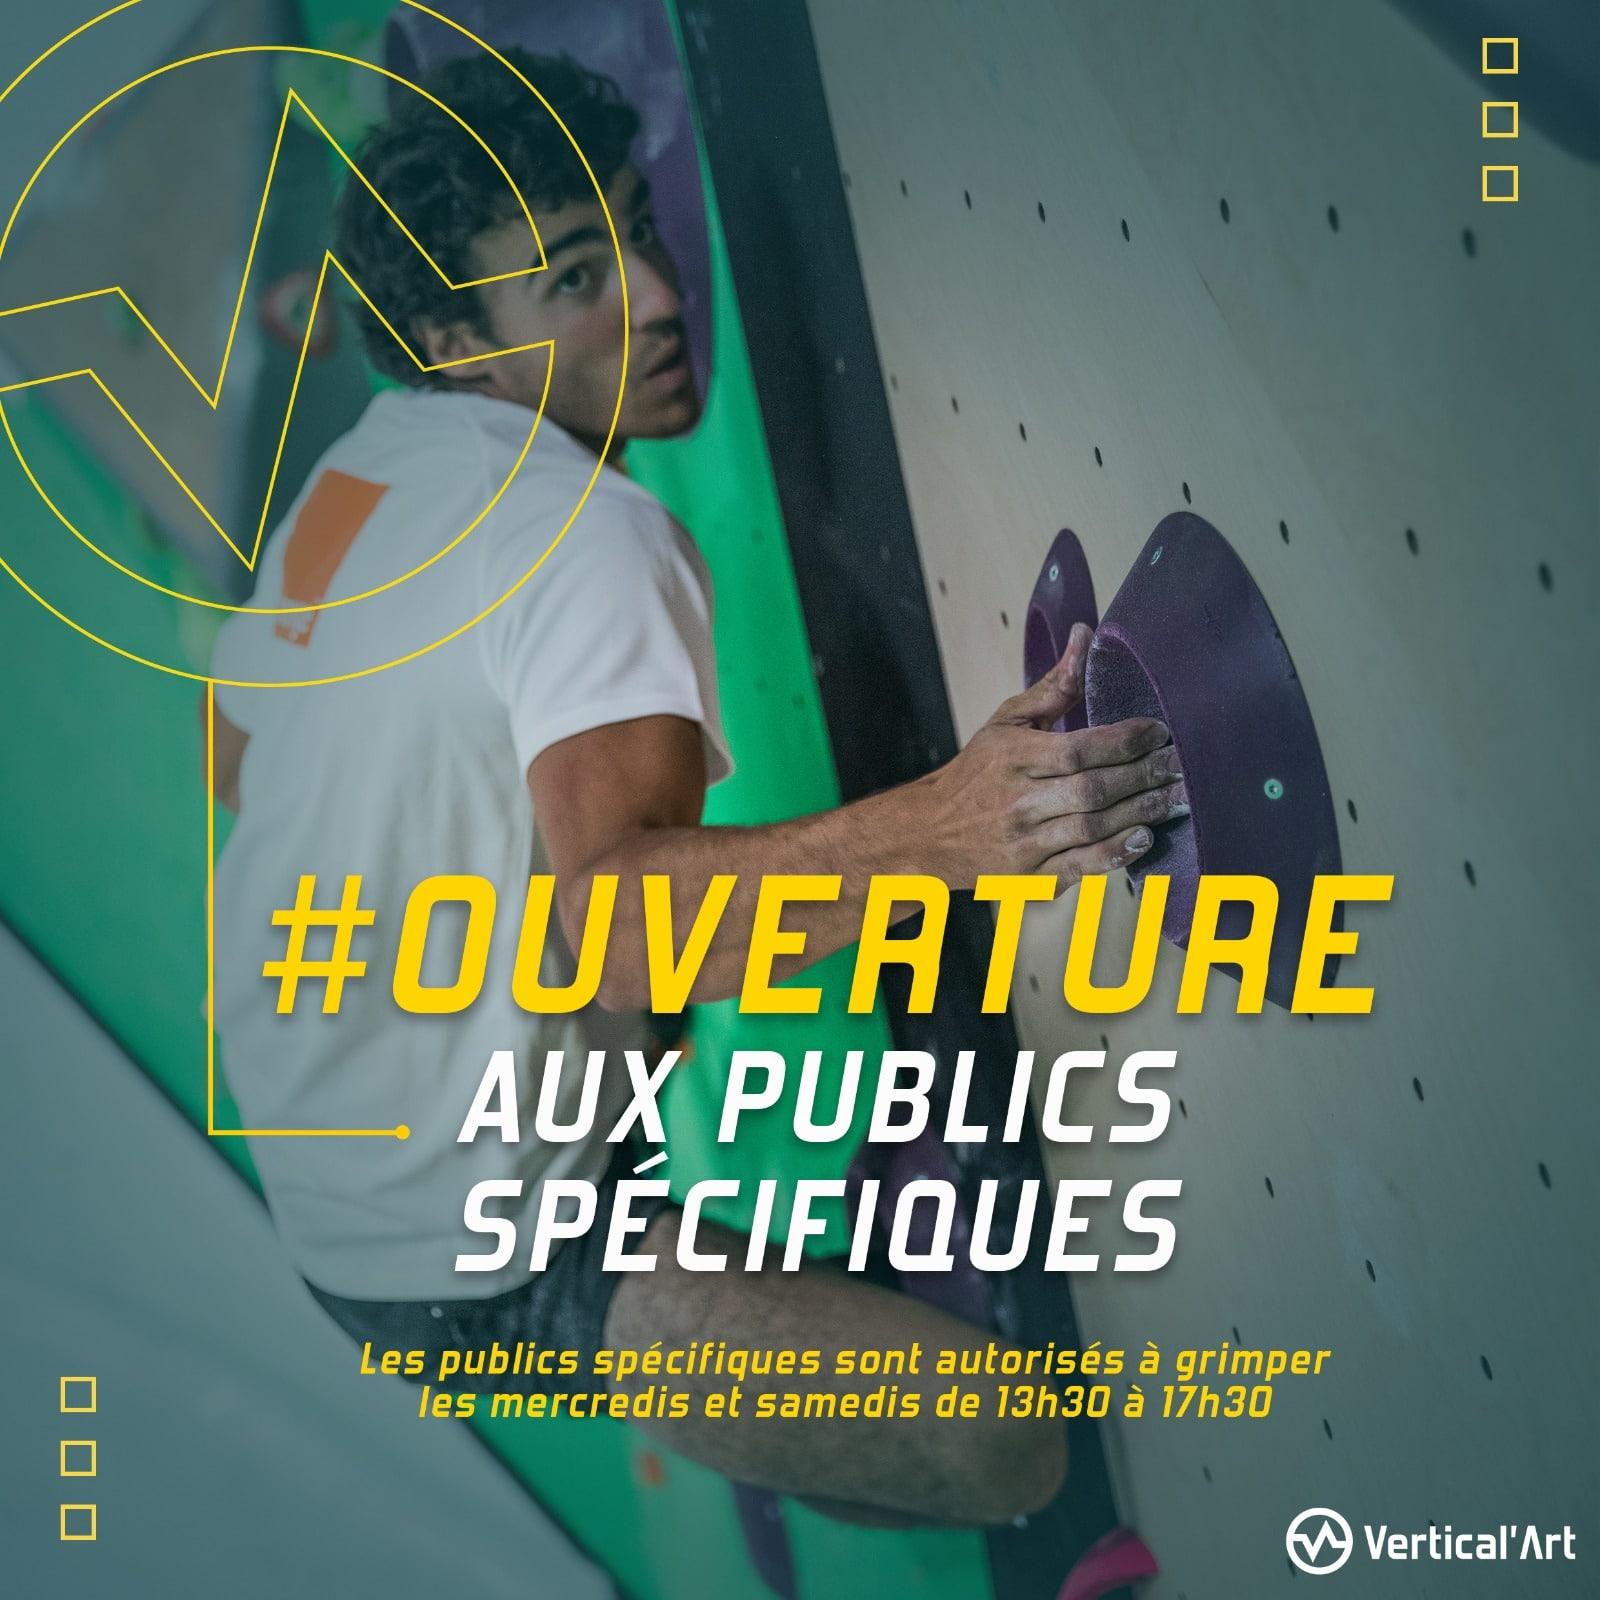 Ouverture aux publics spécifiques à Vertical'Art Lille, les publics prioritaires sont autorisés à grimper les mercredis et samedis de 13h30 à 17h30